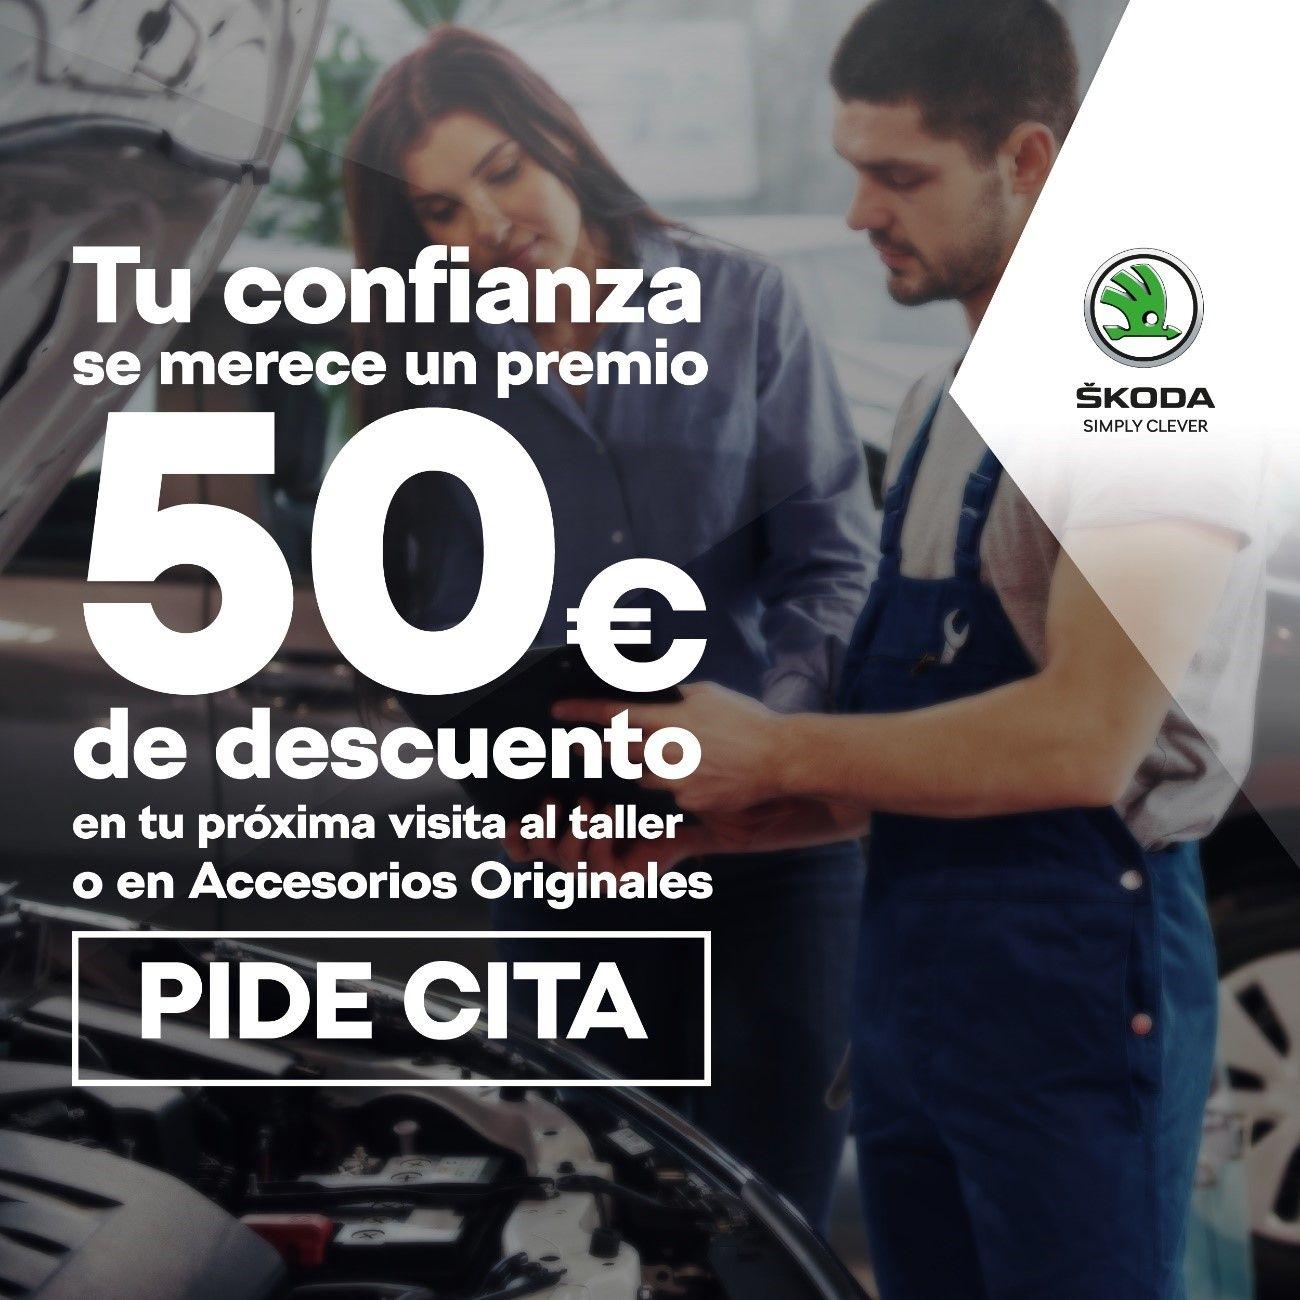 TU CONFIANZA TIENE PREMIO, 50€ DE DESCUENTO EN TU PRÓXIMO PASO POR TALLER